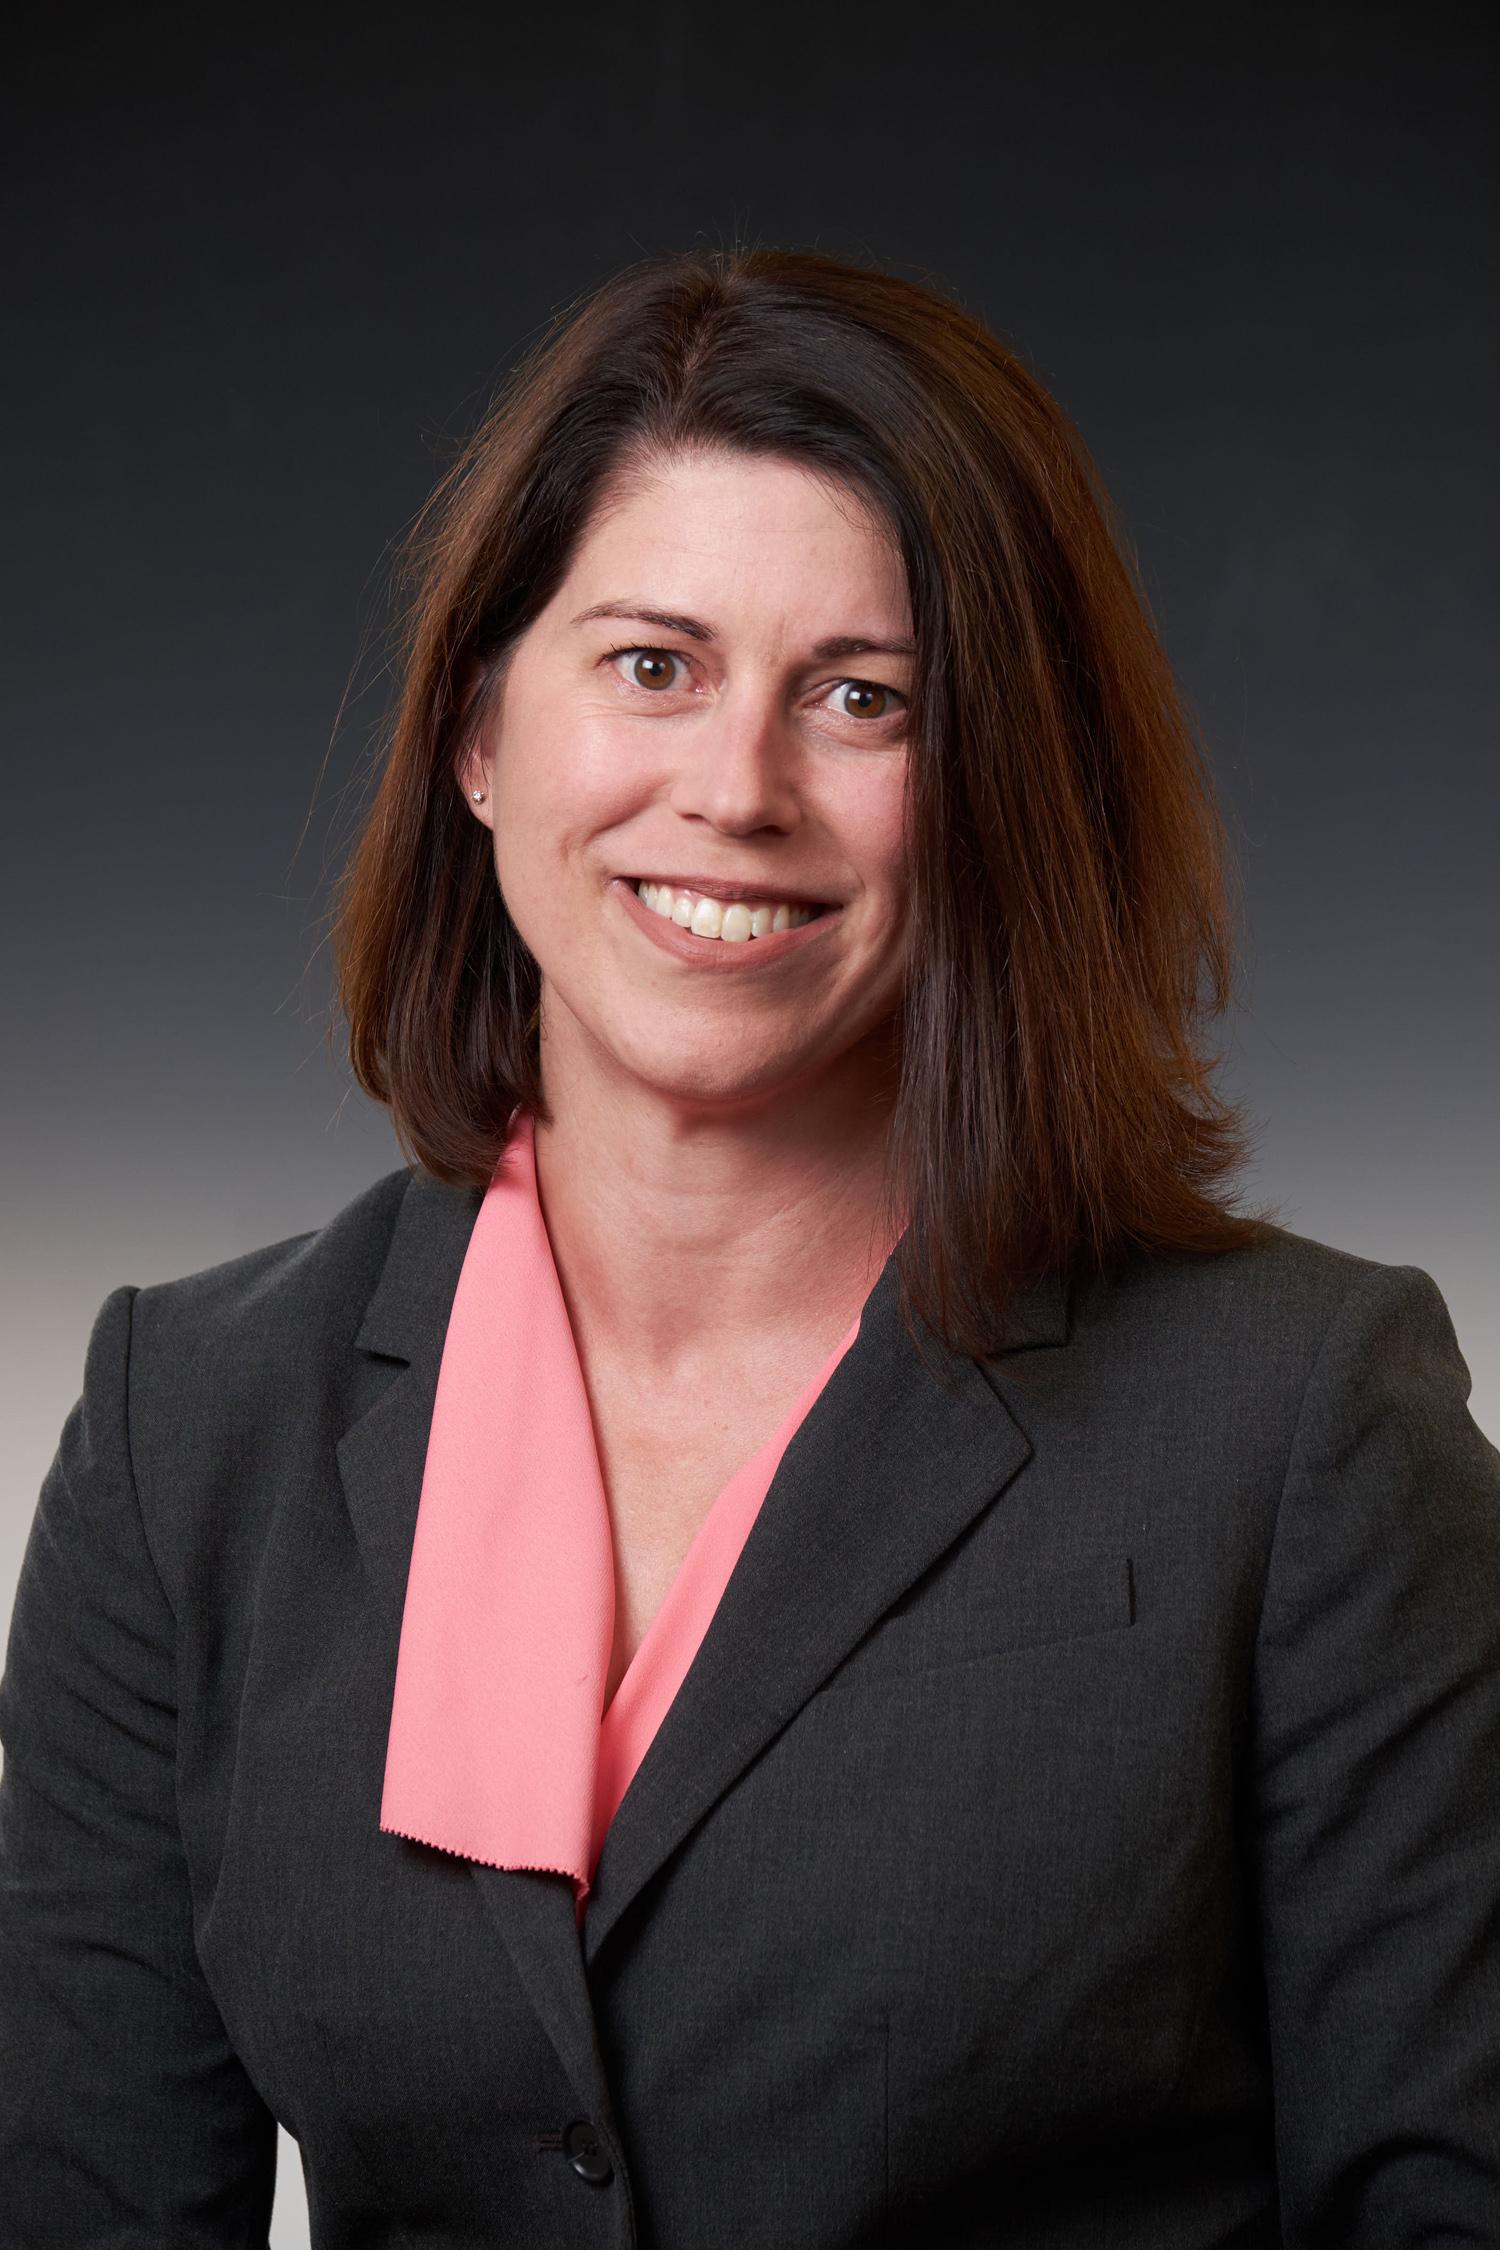 Sharon Dotger